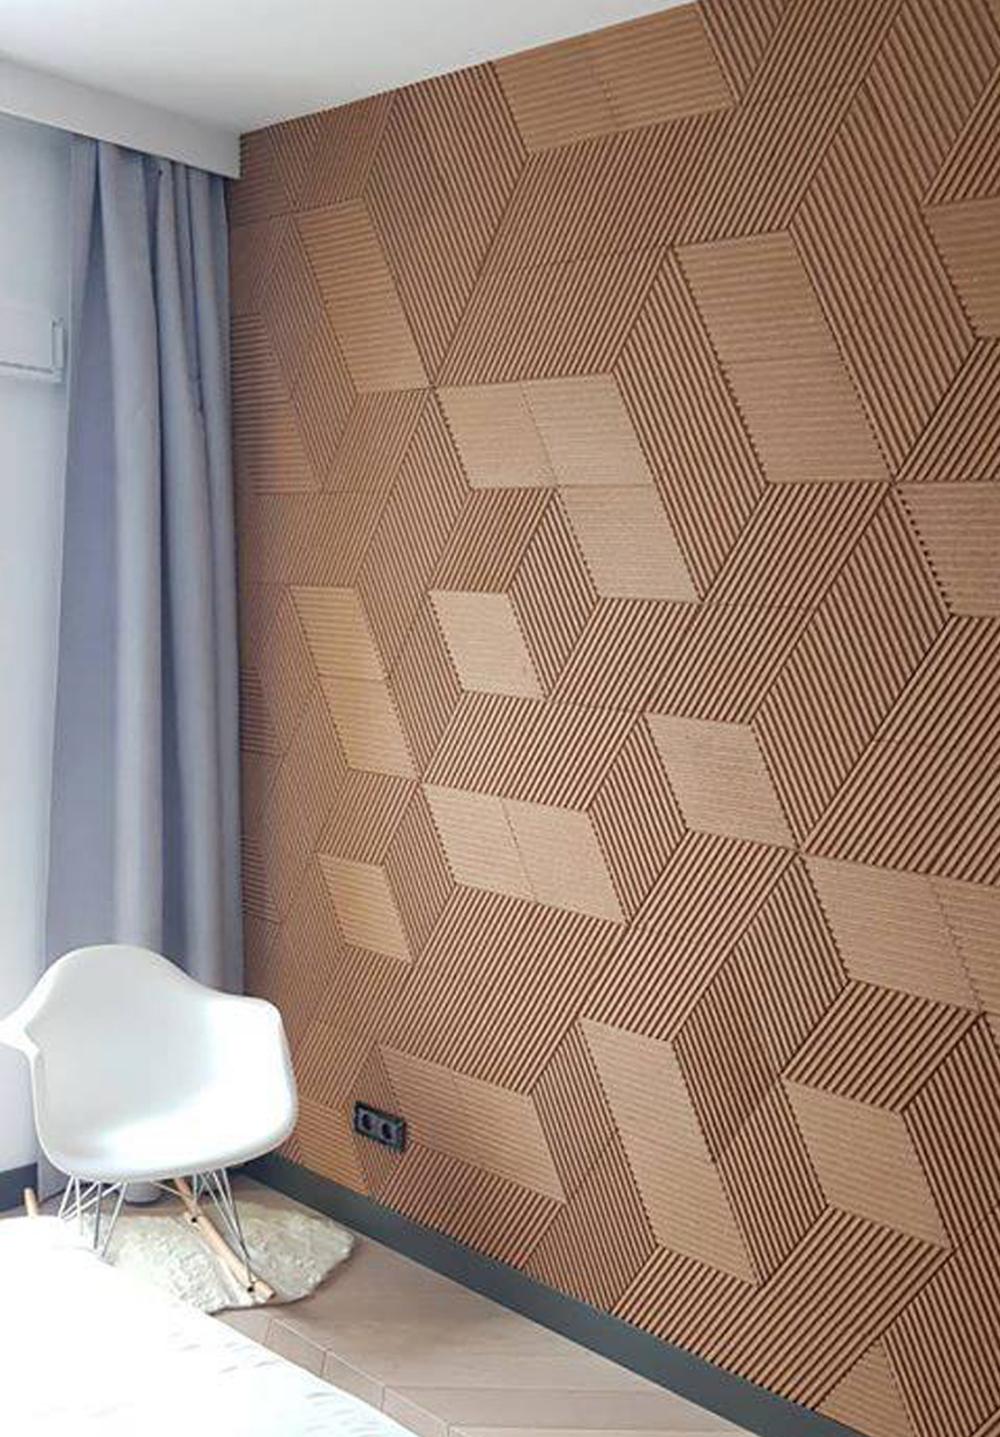 Trojwymiarowe Panele Scienne Korkowe Panele Akustyczne 3d Dekoracyjne Na Sciane Panele Scien Wall Tiles Design Wall Cladding Interior Textured Wall Panels